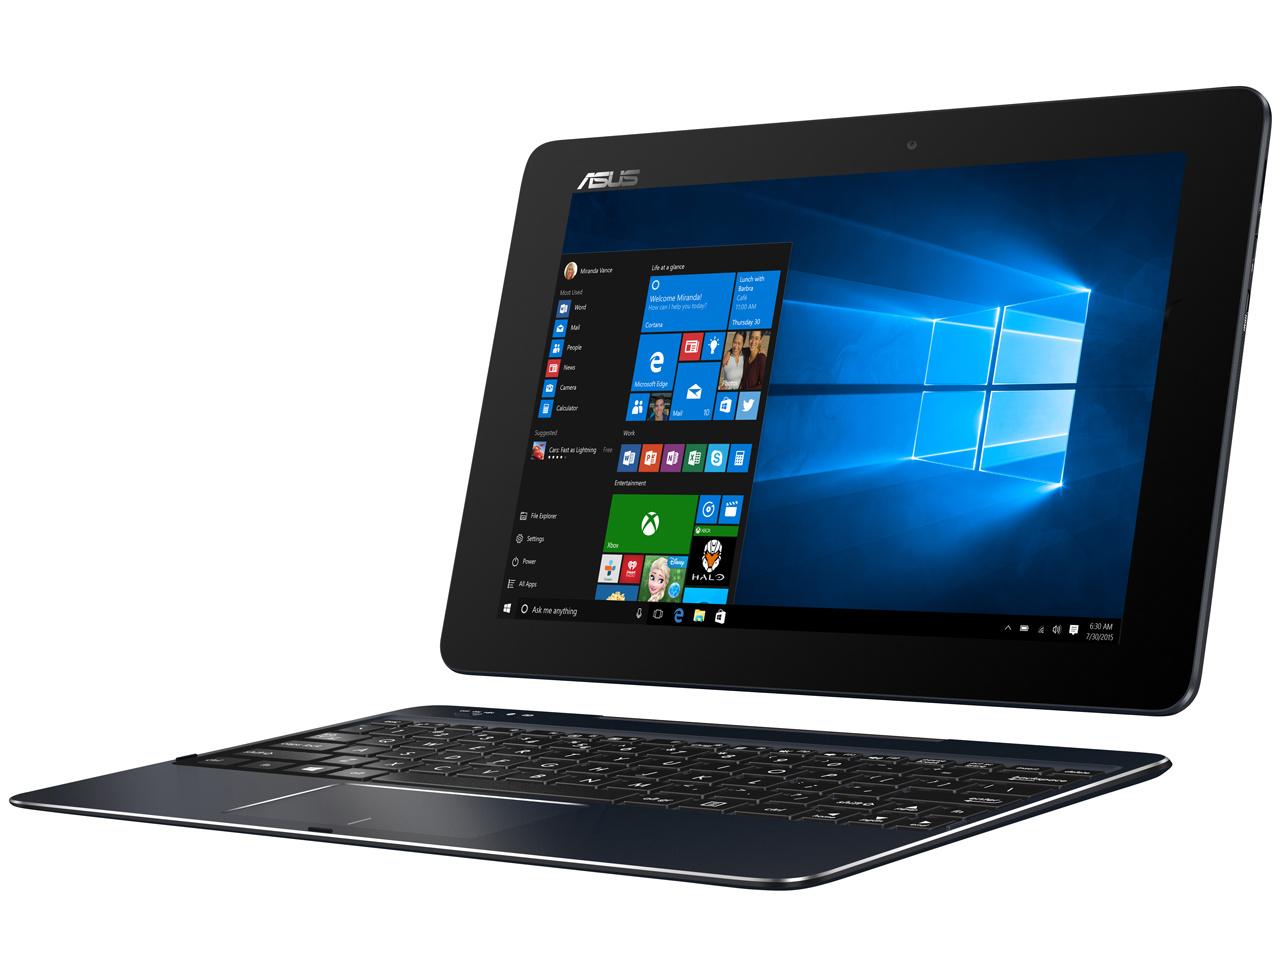 【クリックで詳細表示】[ASUS]ASUS TransBook T100Chi T100CHI-Z3795 4GBメモリー搭載の10.1型2in1ノートPC